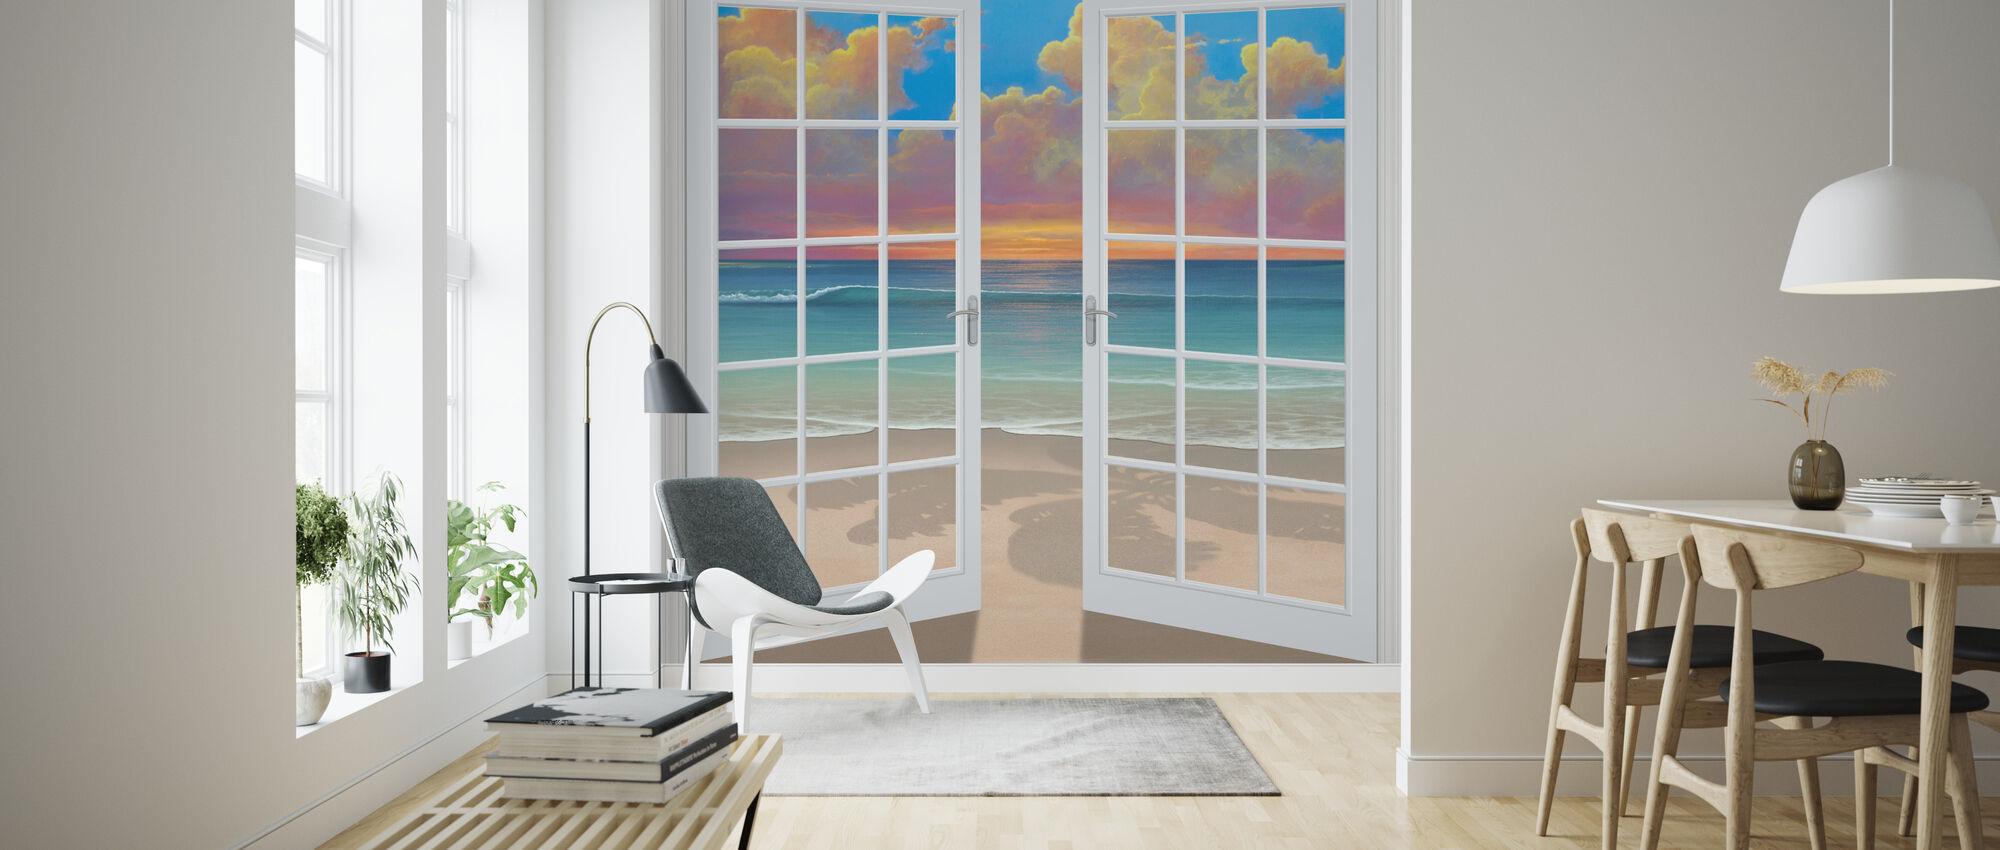 Zonsondergang door venster - Behang - Woonkamer